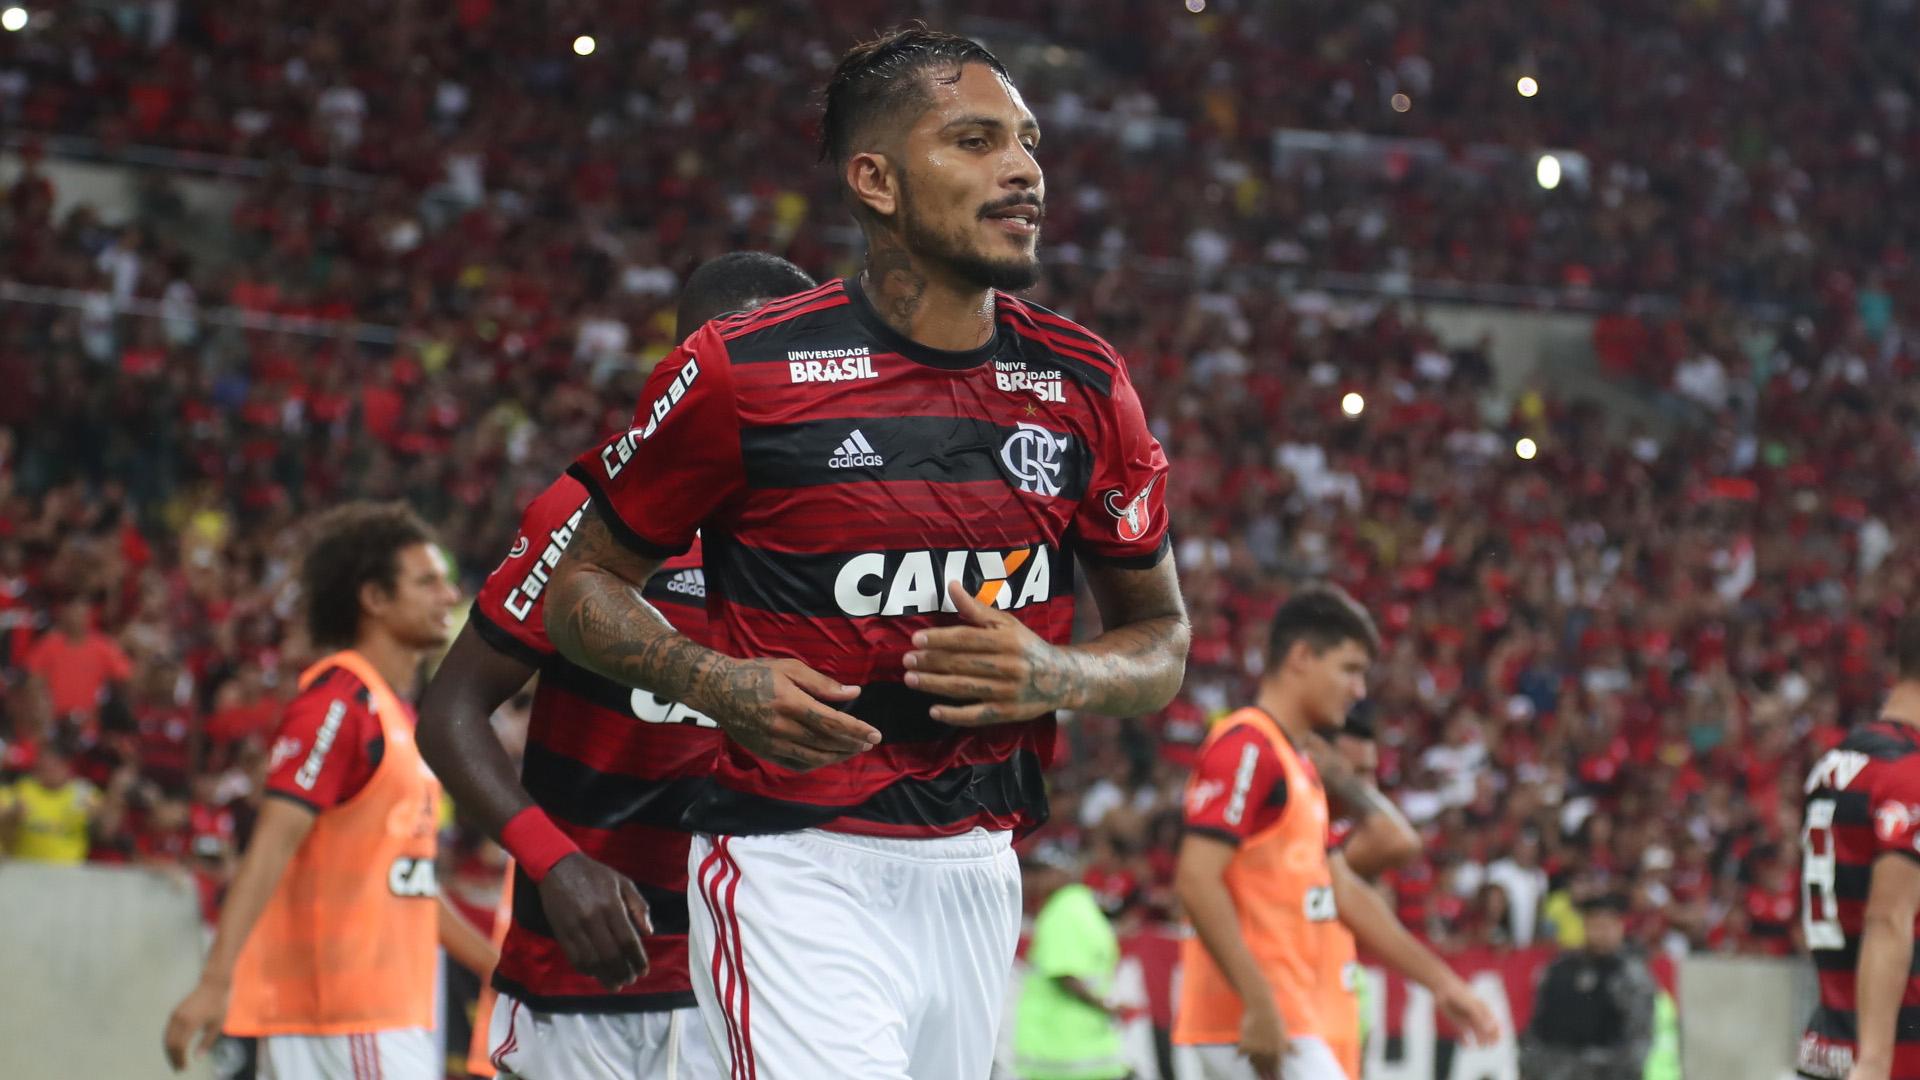 Guerrero Flamengo x Internacional Maracanã 06 05 18